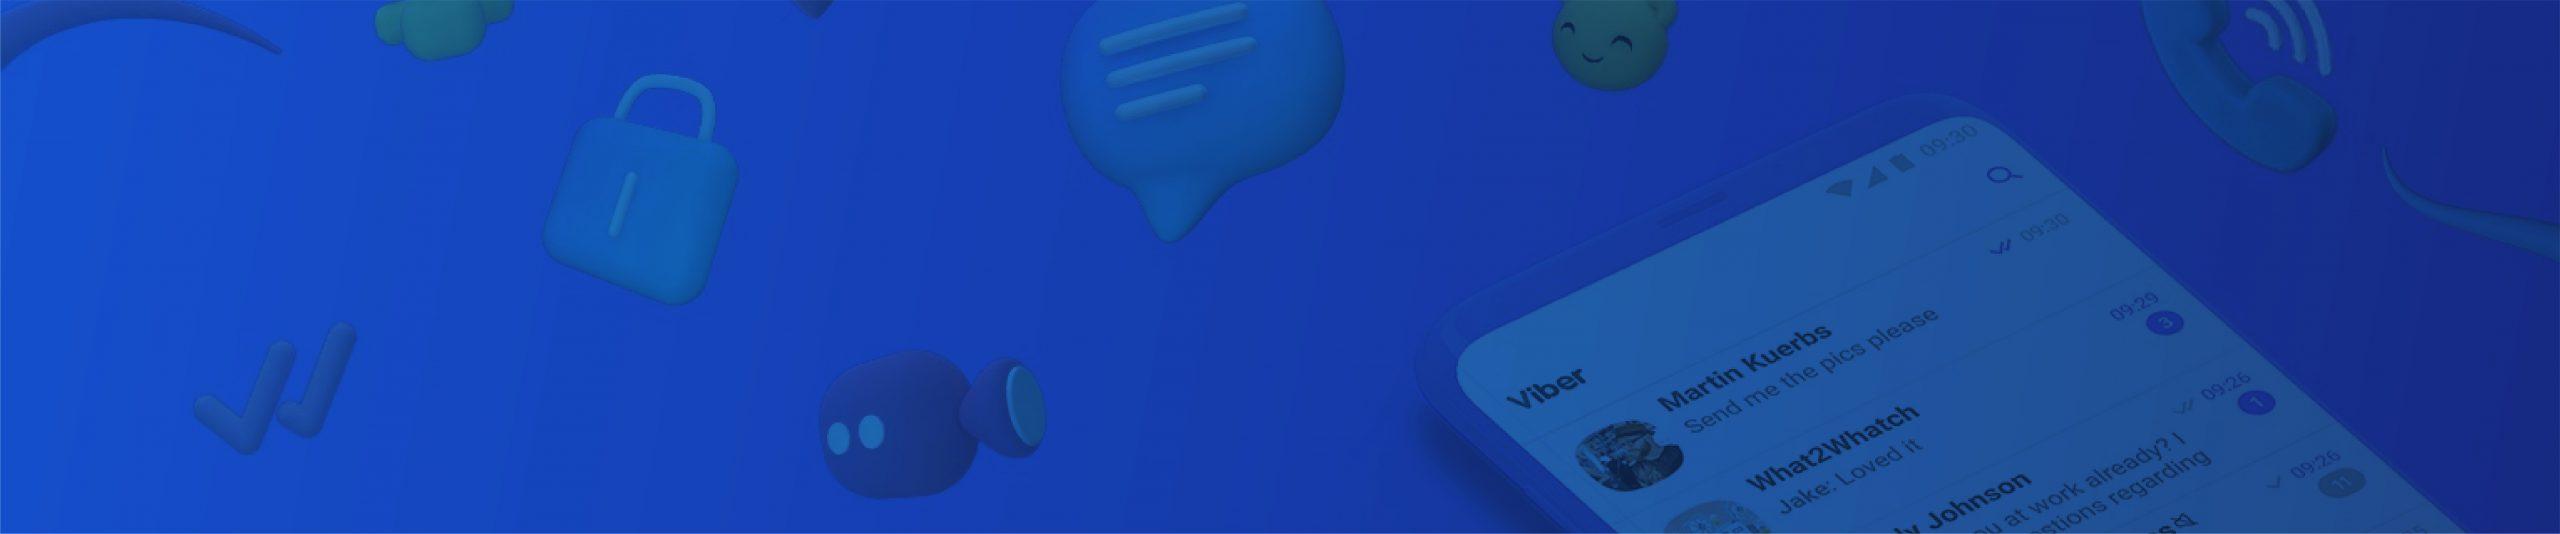 Viber Campaign Manager header image